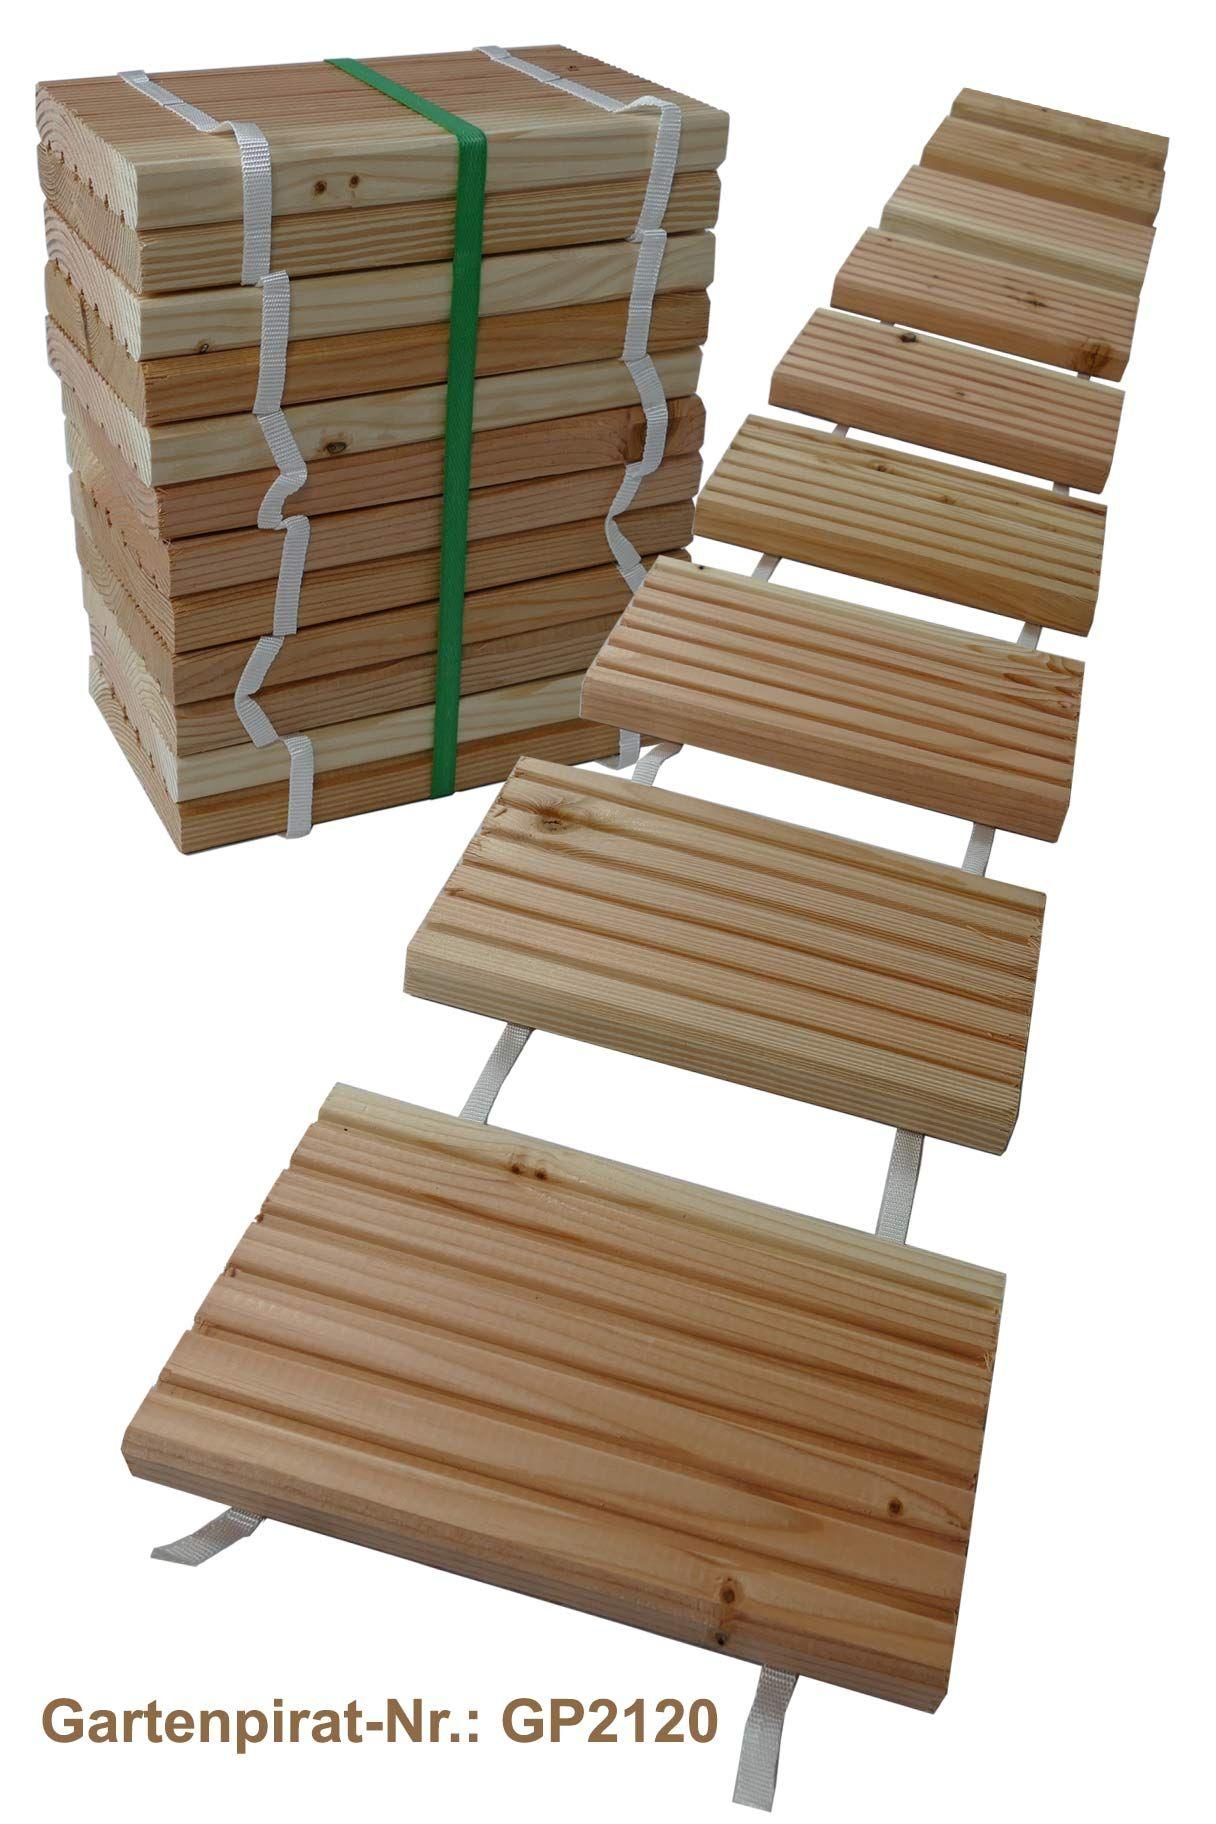 2 5 M Rollweg Aus Holzfliesen Gehwegplatten Holzfliesen Diy Gartenmobel